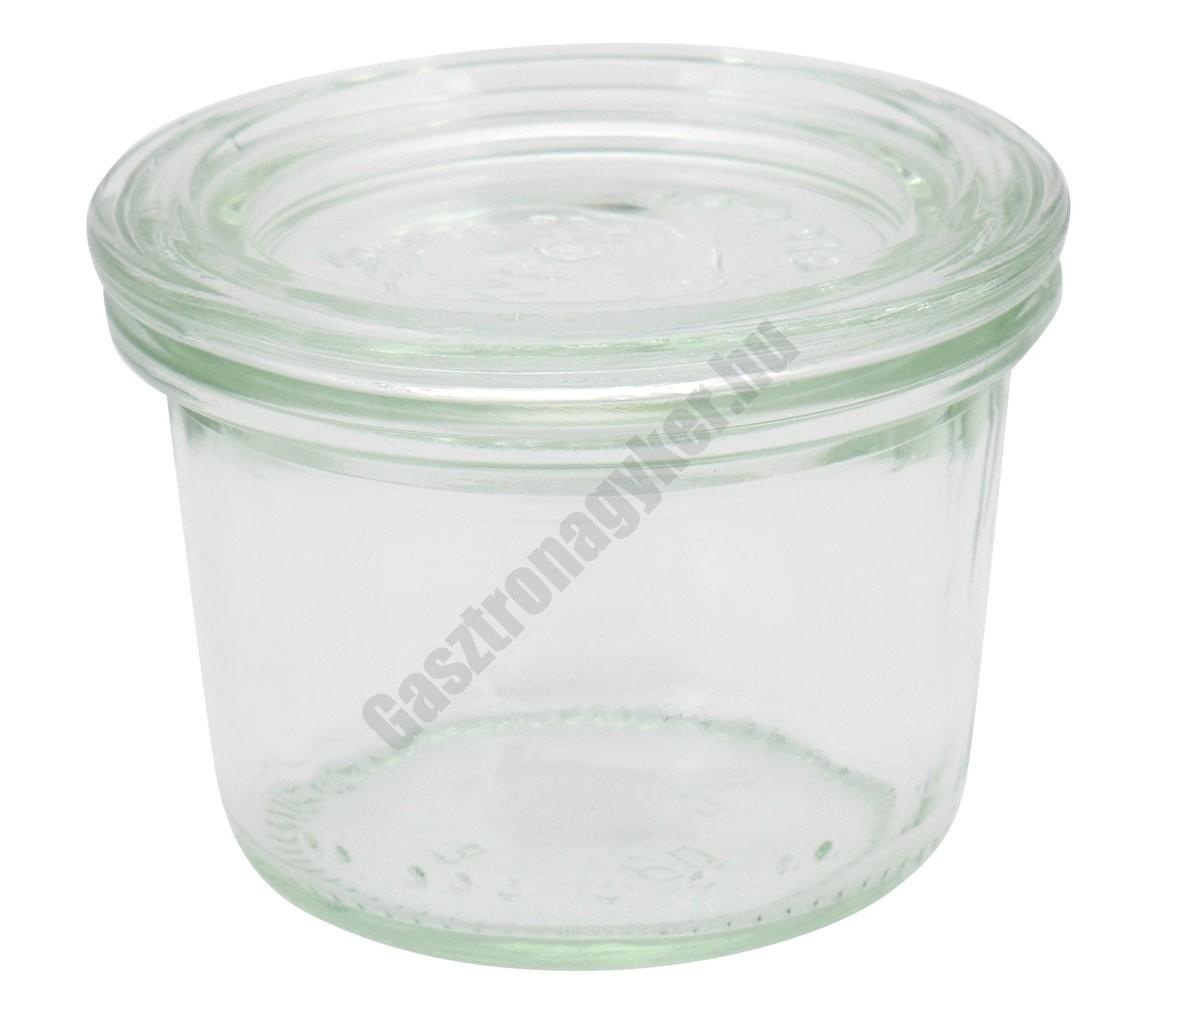 Weck Aps üveg kínáló+fedő, 0,8 dl, 6×5,5 cm, 12 db/cs